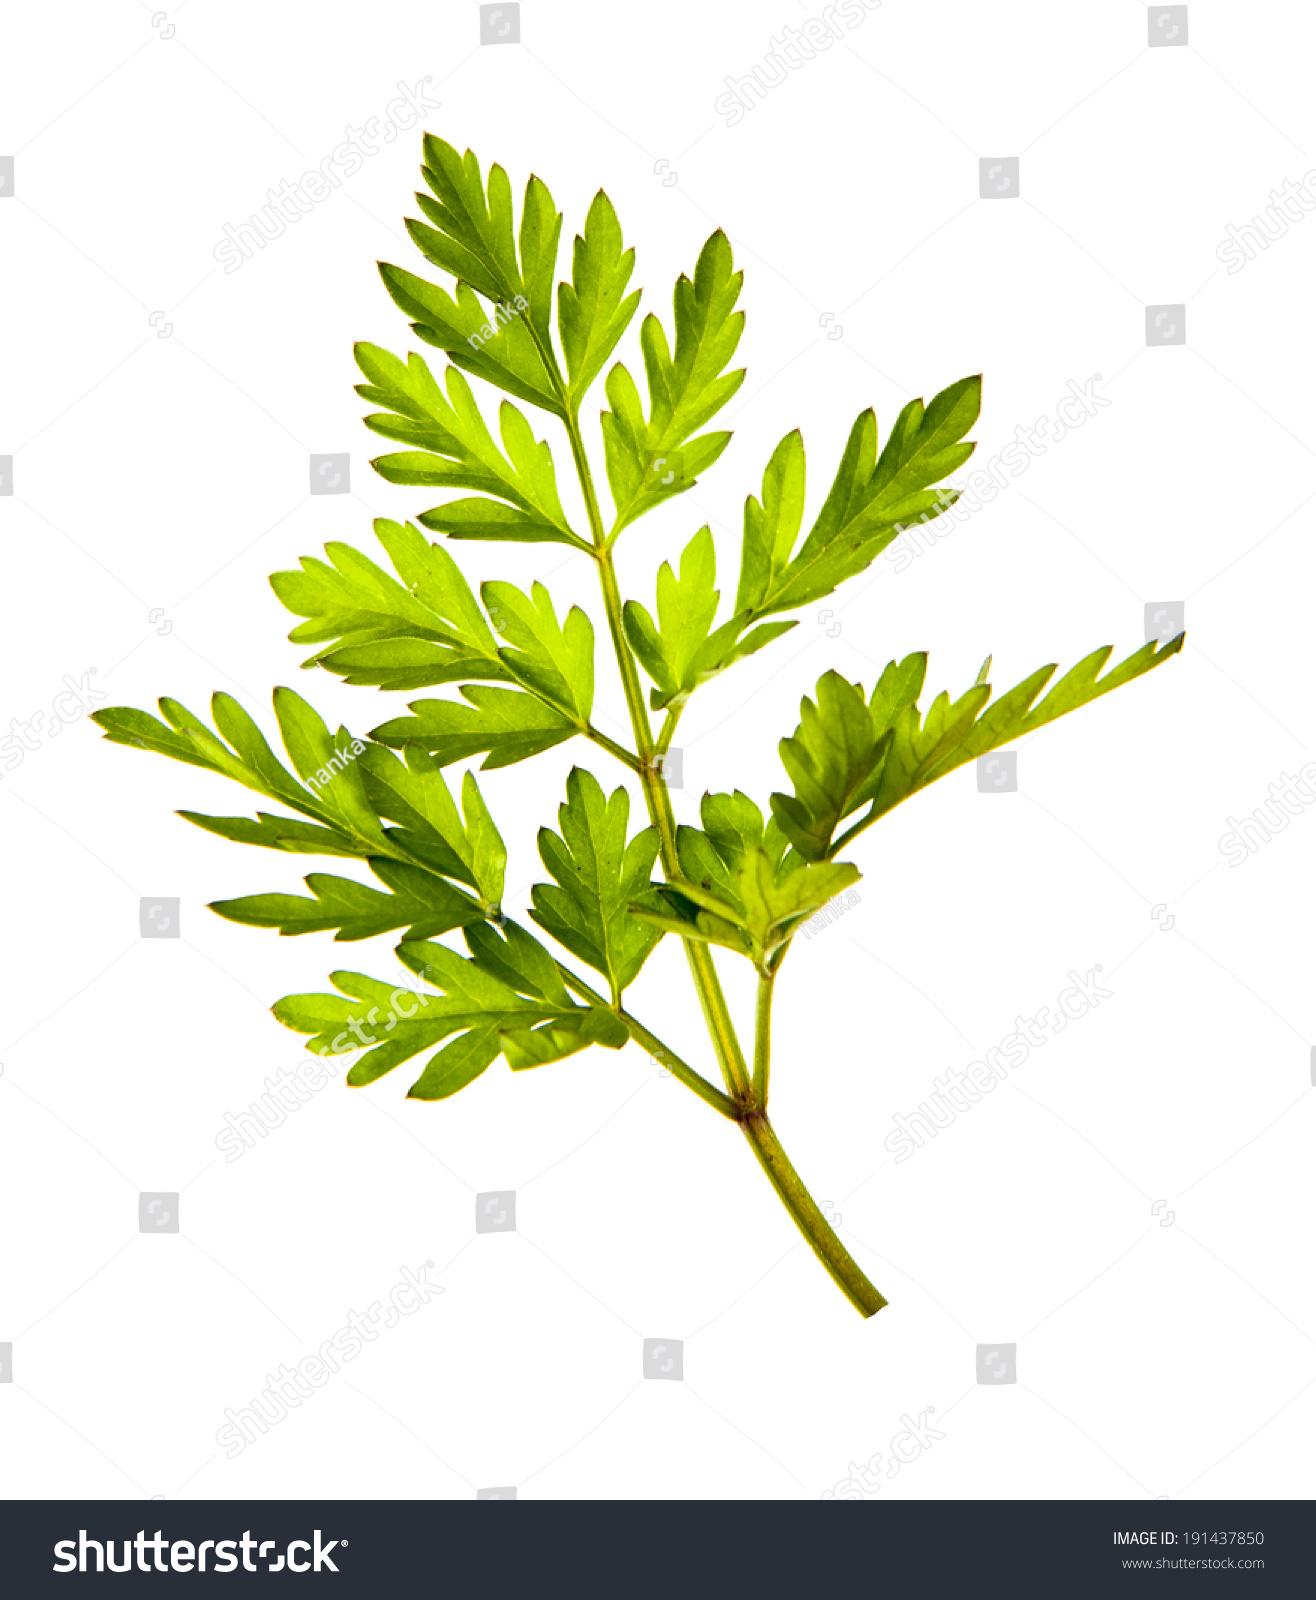 Herbal Medicine Chervil Anthriscus Cerefolium Garden Stock Photo